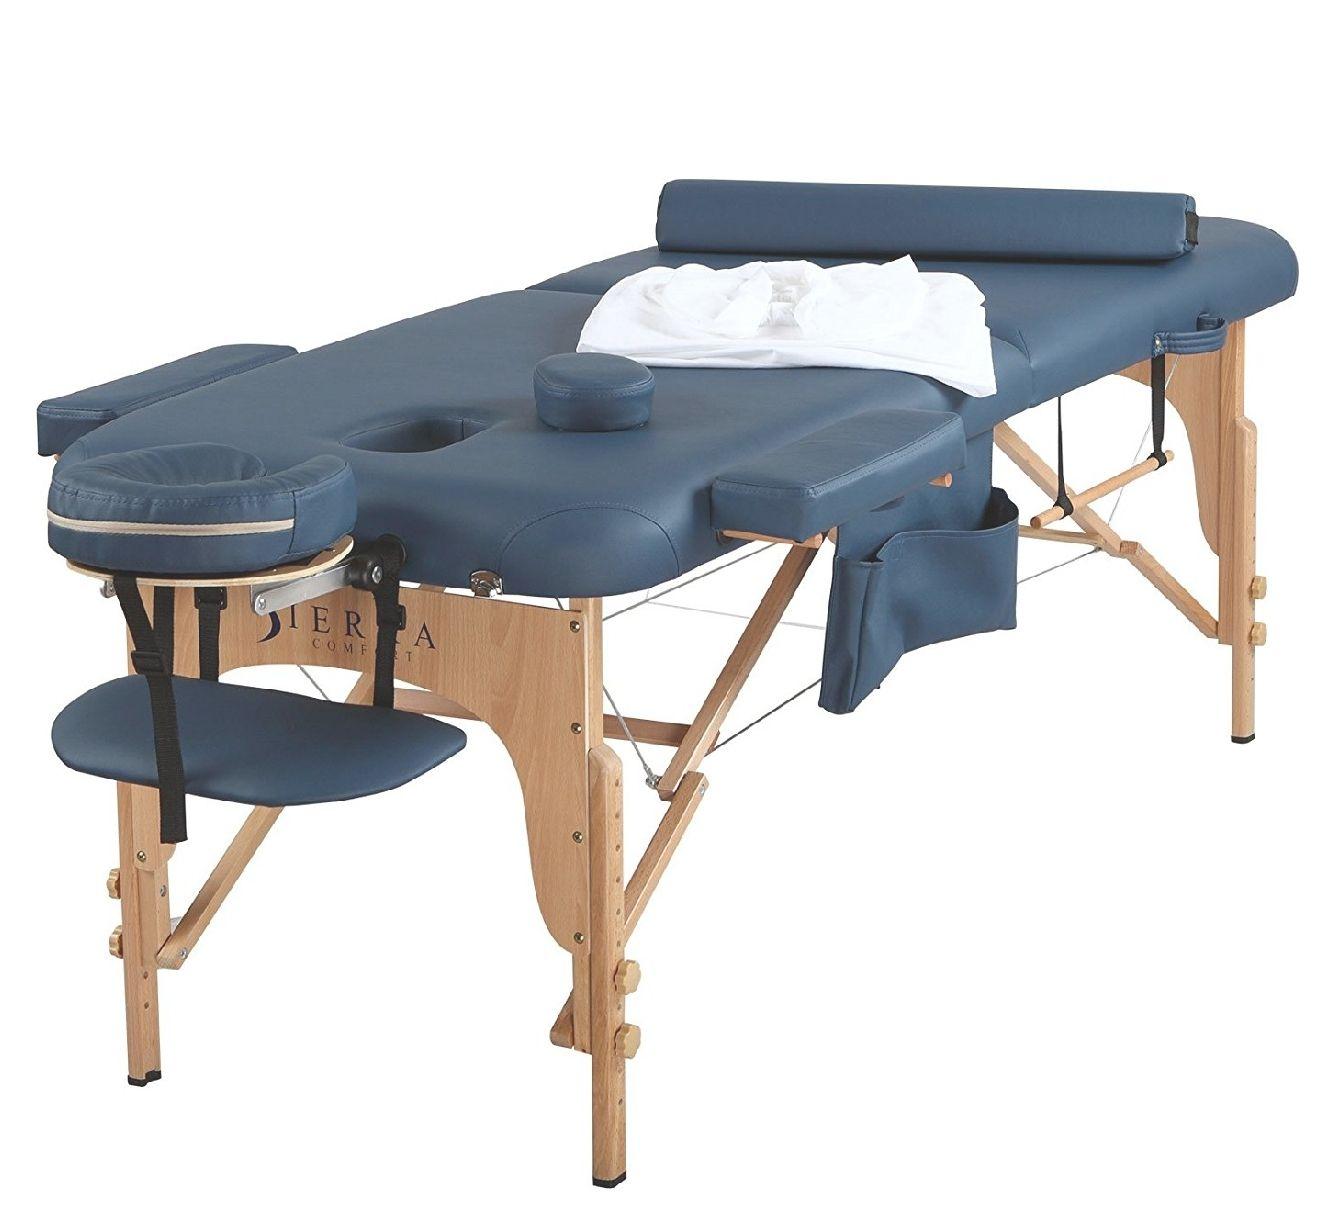 Amazon: Sierra Comfort mesa de masaje portátil todo incluido, Azul Royal